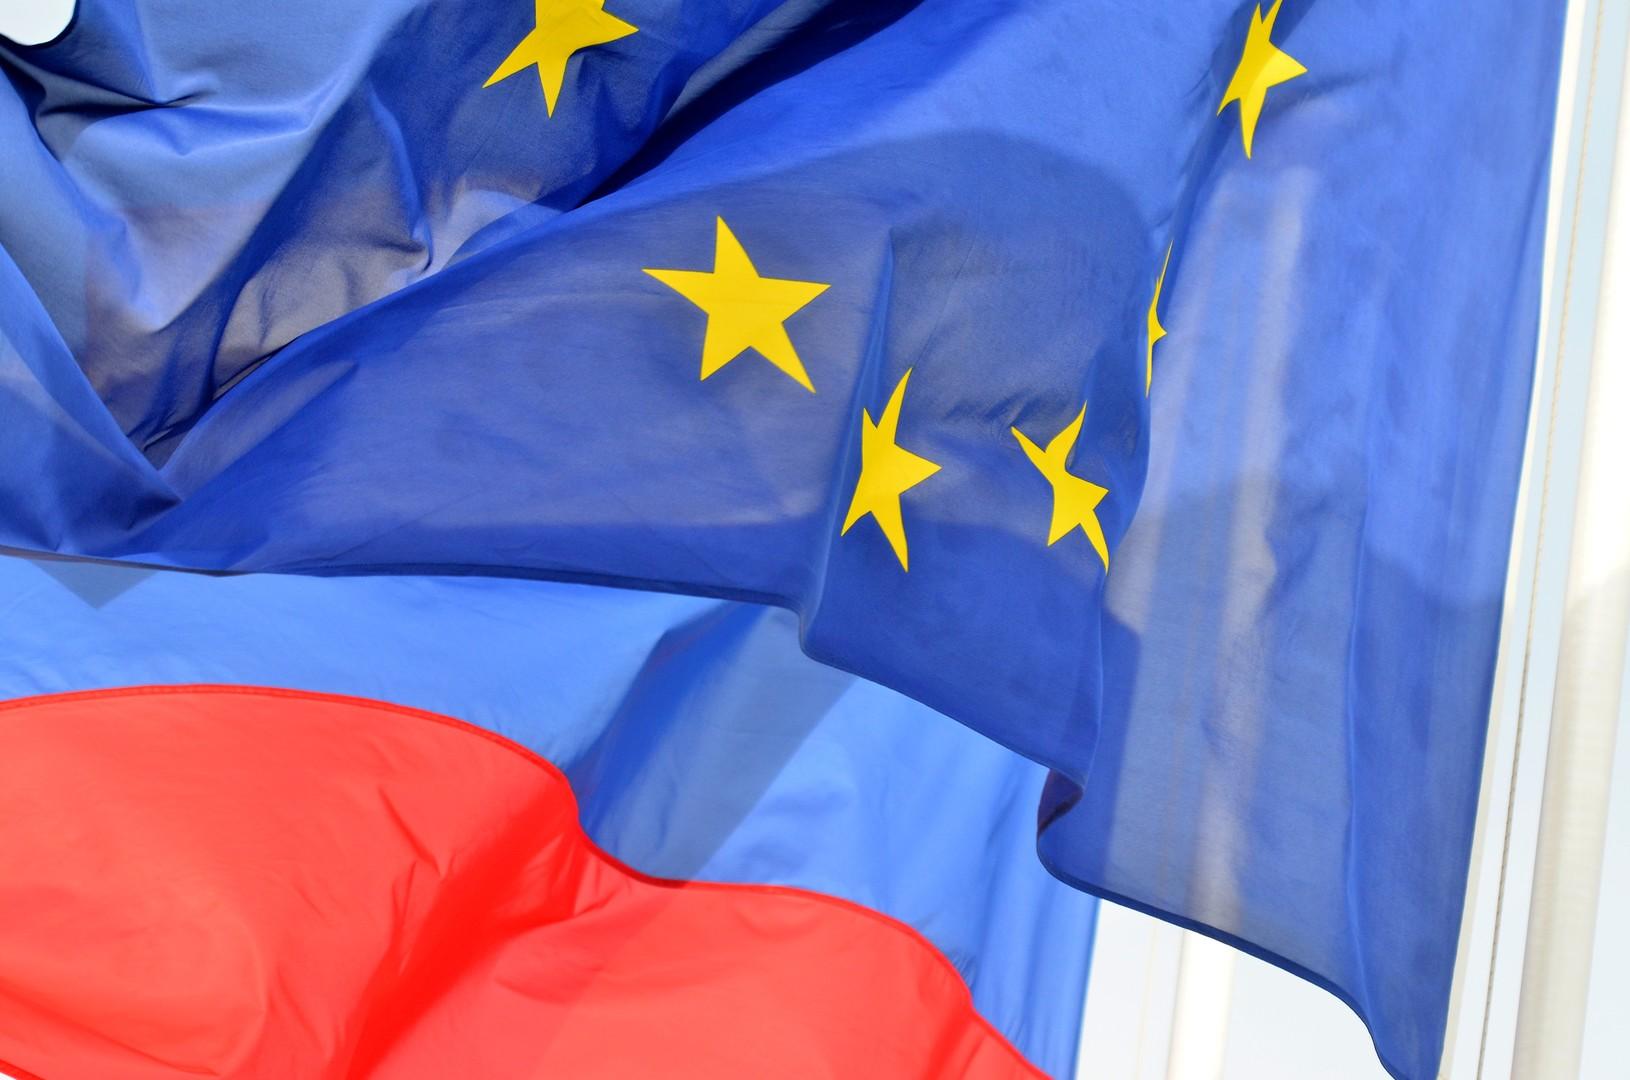 Ради борьбы с терроризмом: евродепутаты предложили снять санкции с глав спецслужб РФ